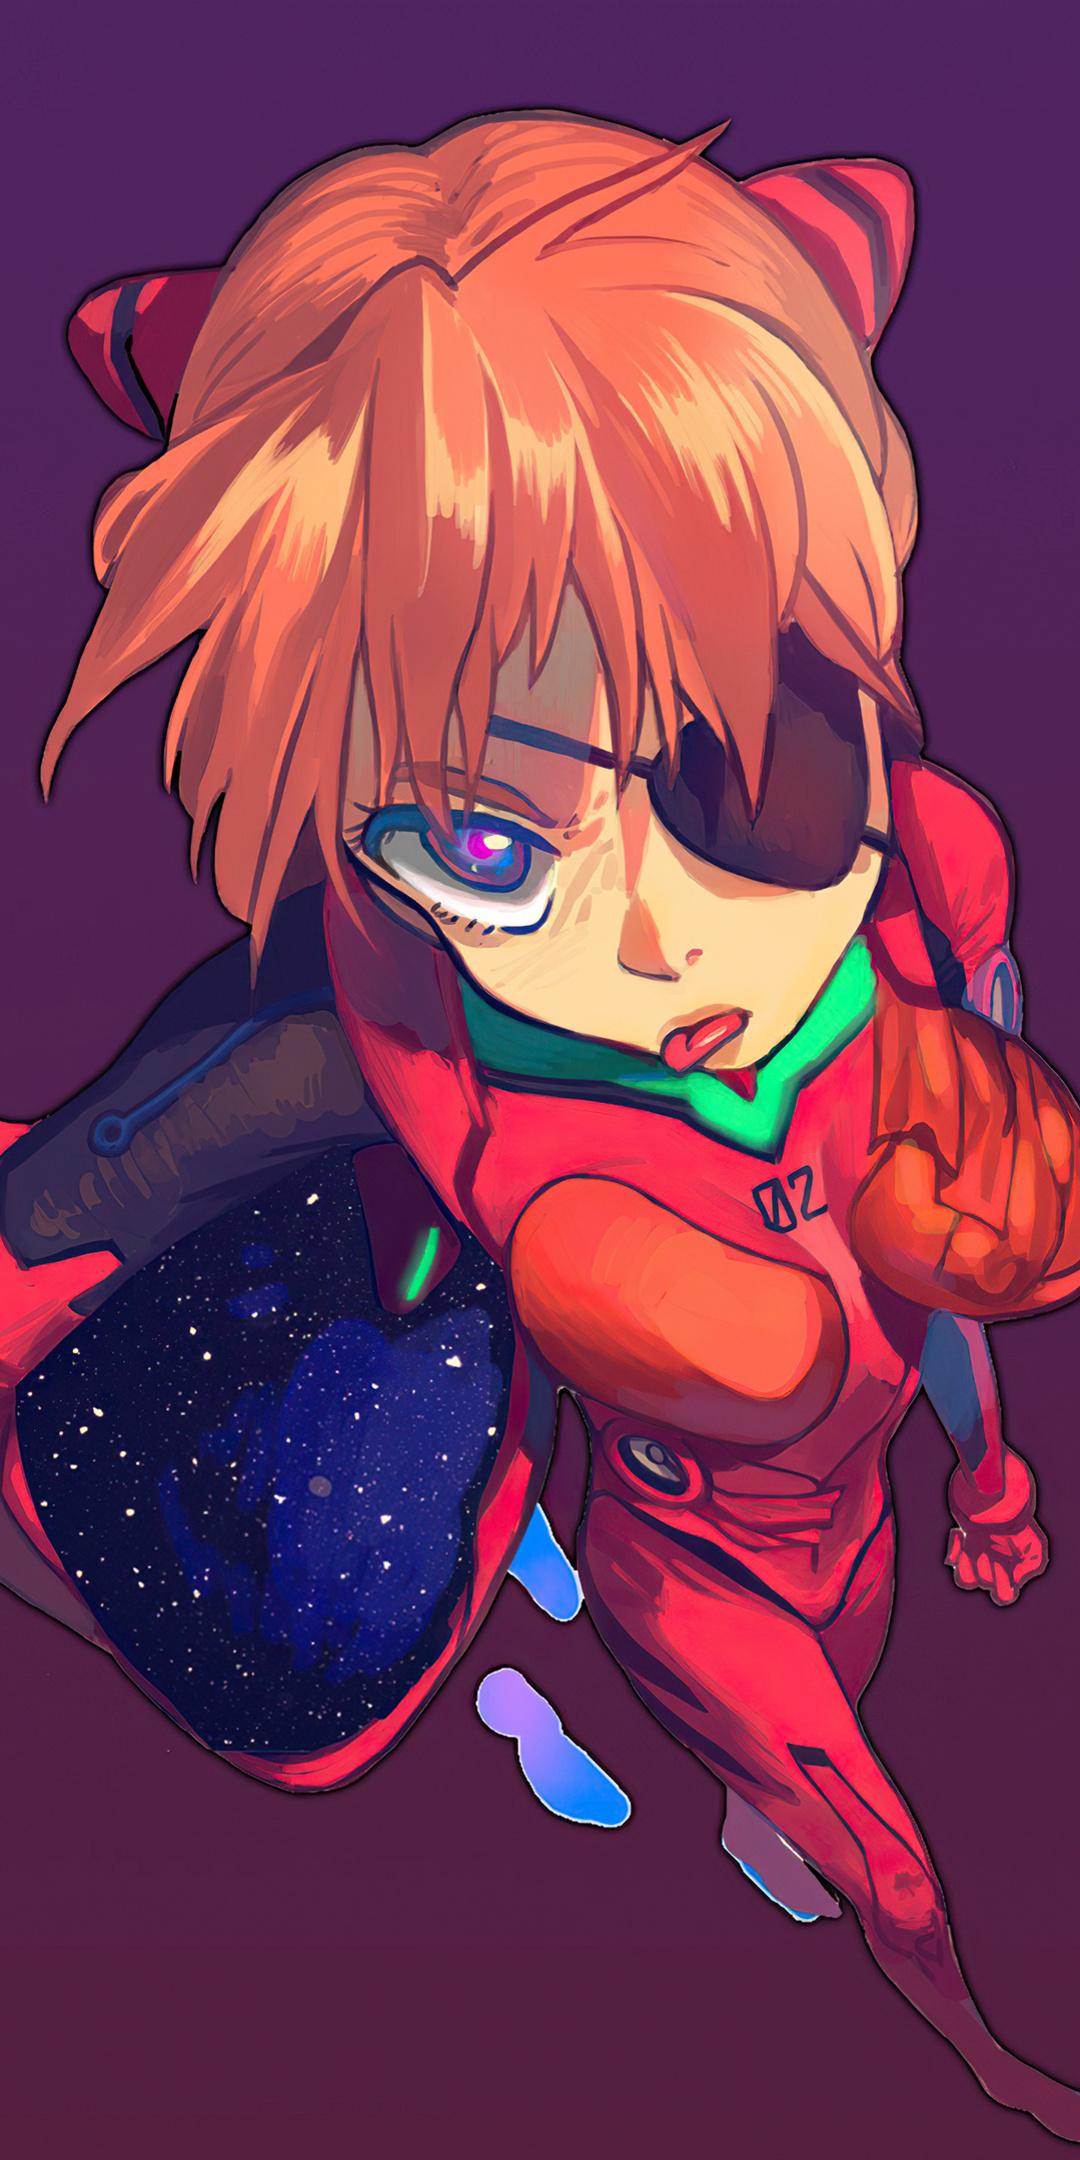 1080x2160 Neon Genesis Evangelion Asuka Langley Soryu 4k ...